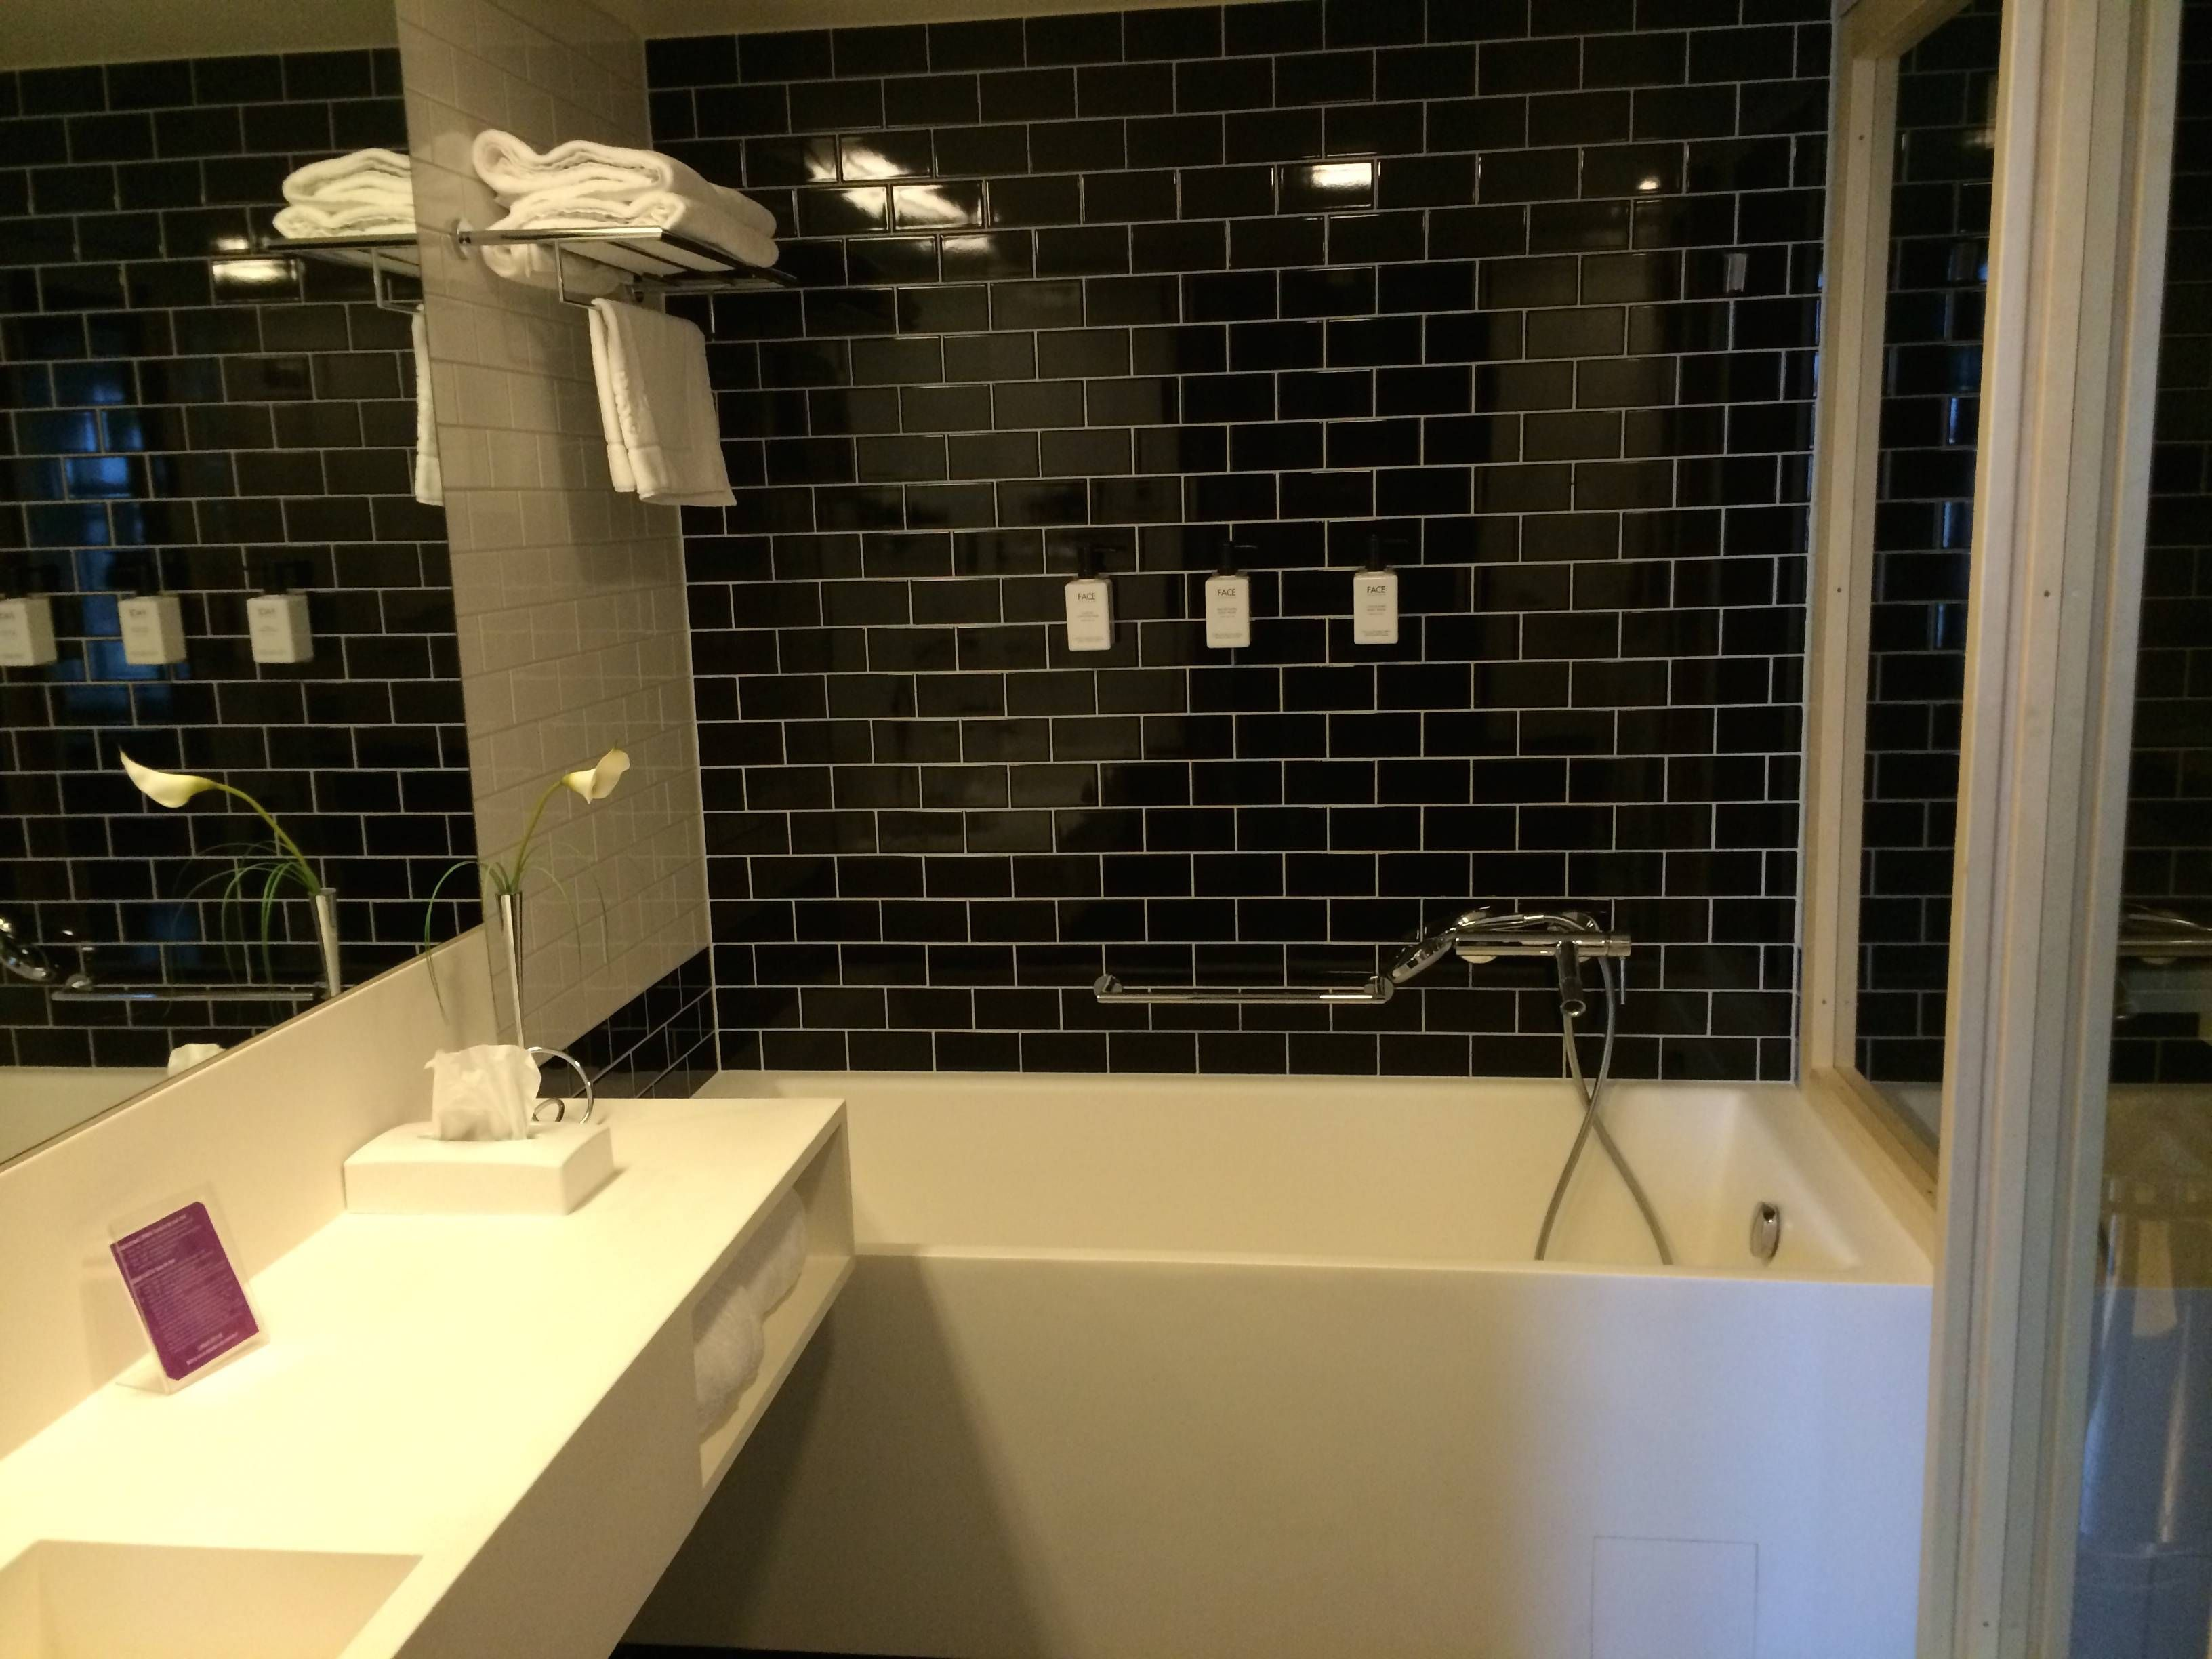 Vocês acreditam que tinham uma sauna dentro do banheiro? Achei o  #C5BA06 3264 2448